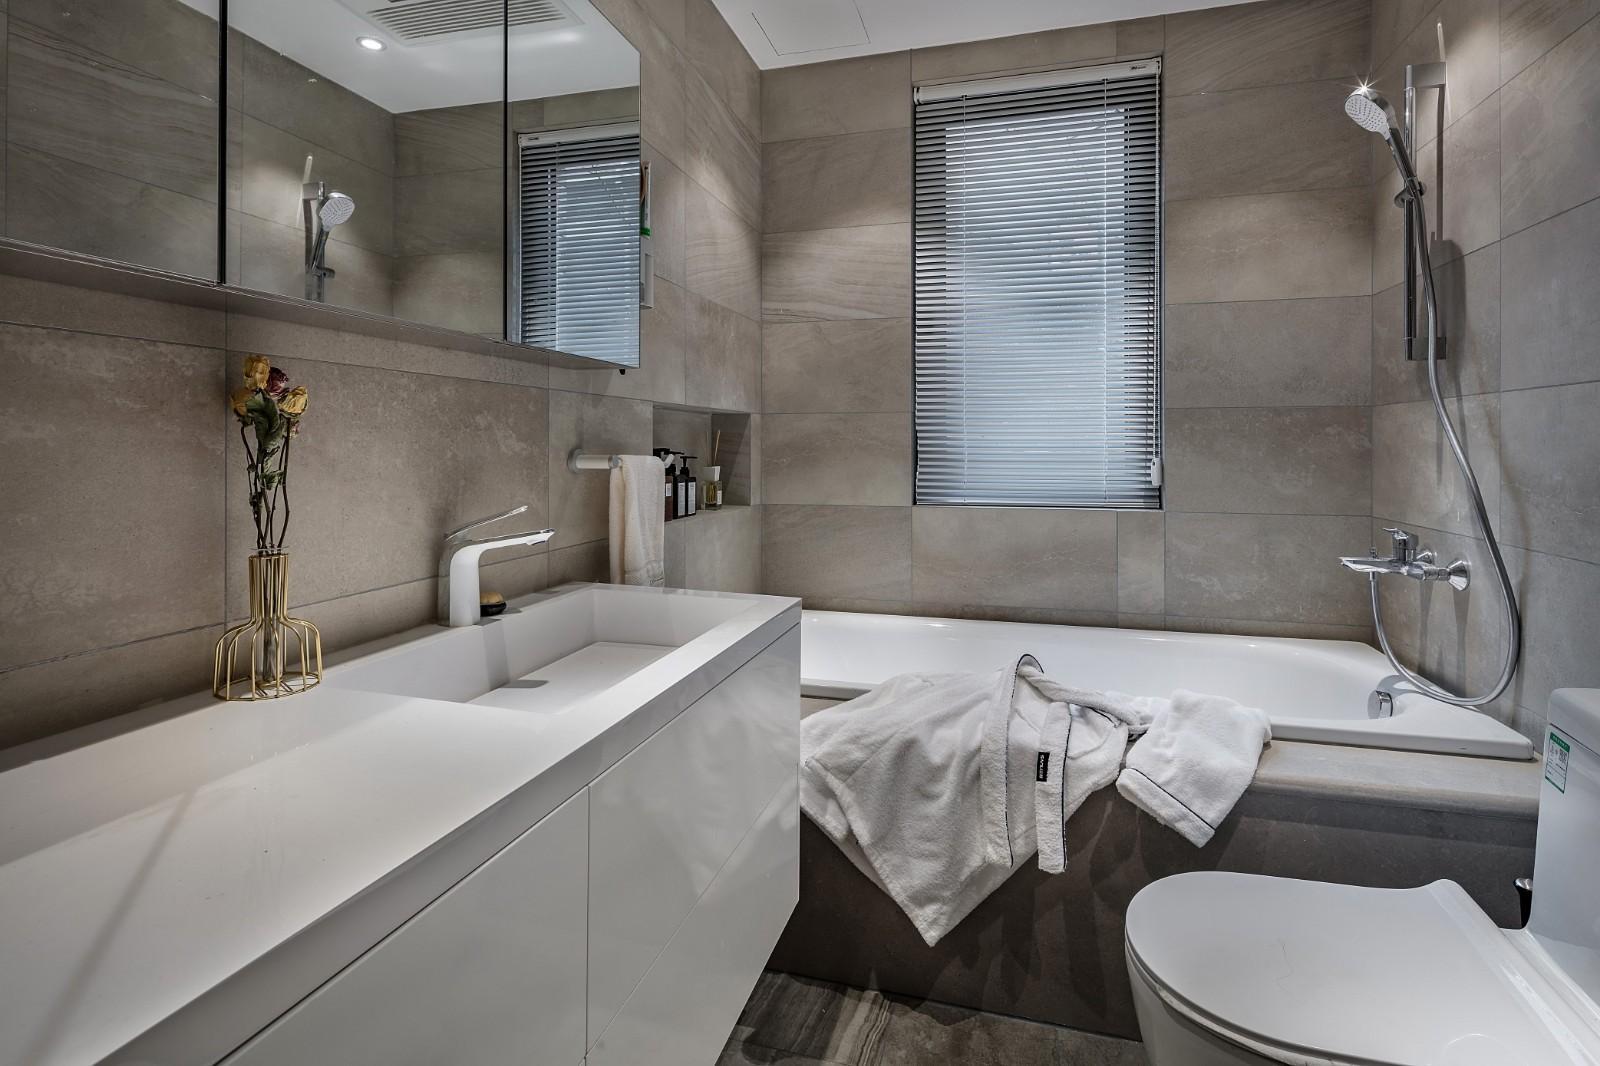 Xu hướng thiết kế phòng tắm năm 2020